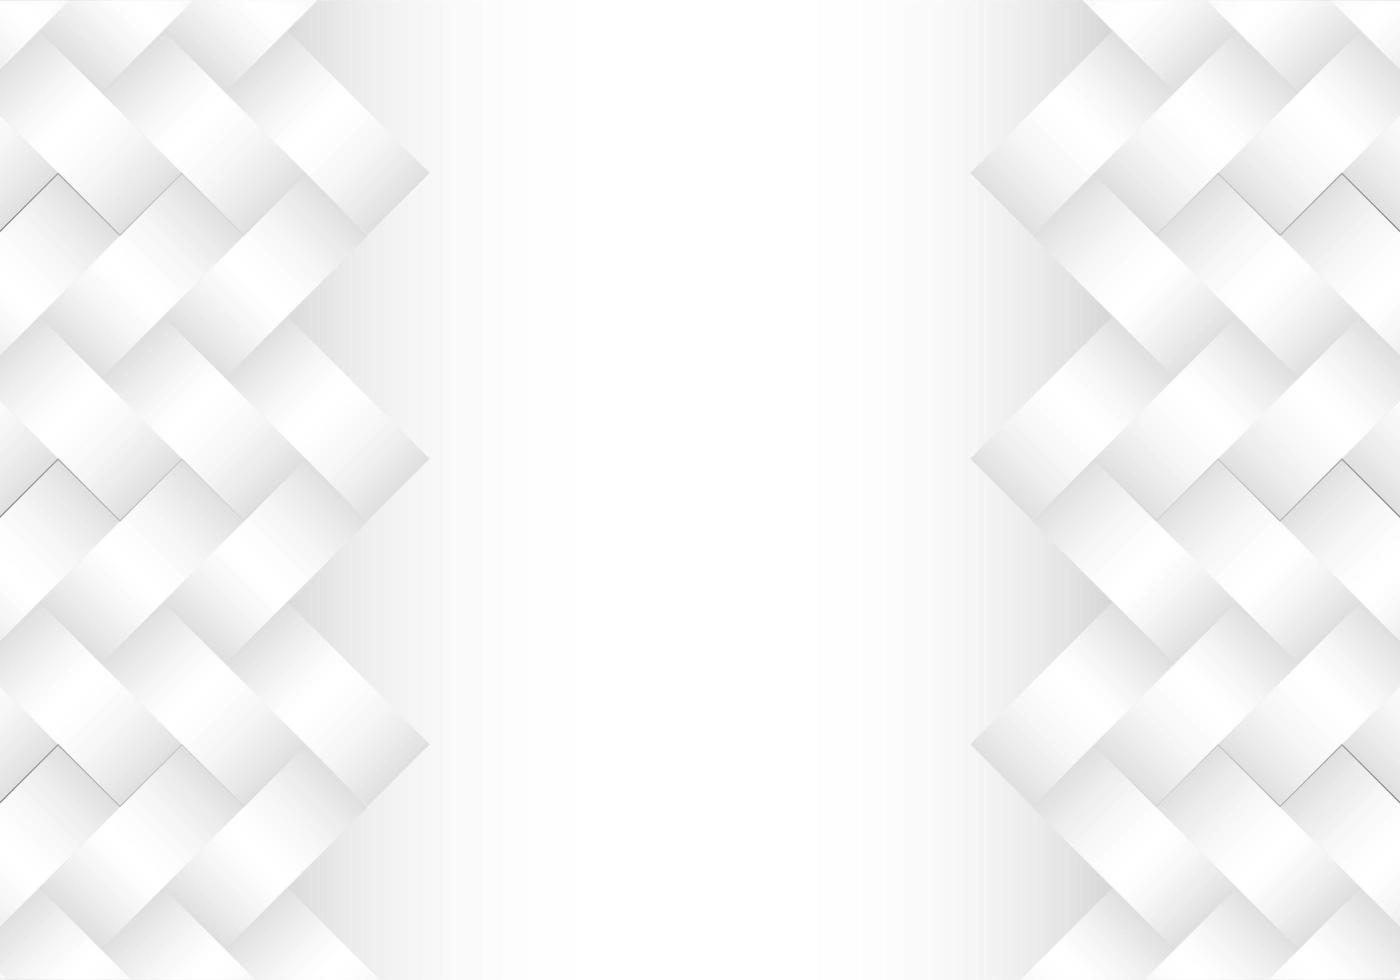 canestro bianco tessere il fondo del confine vettore